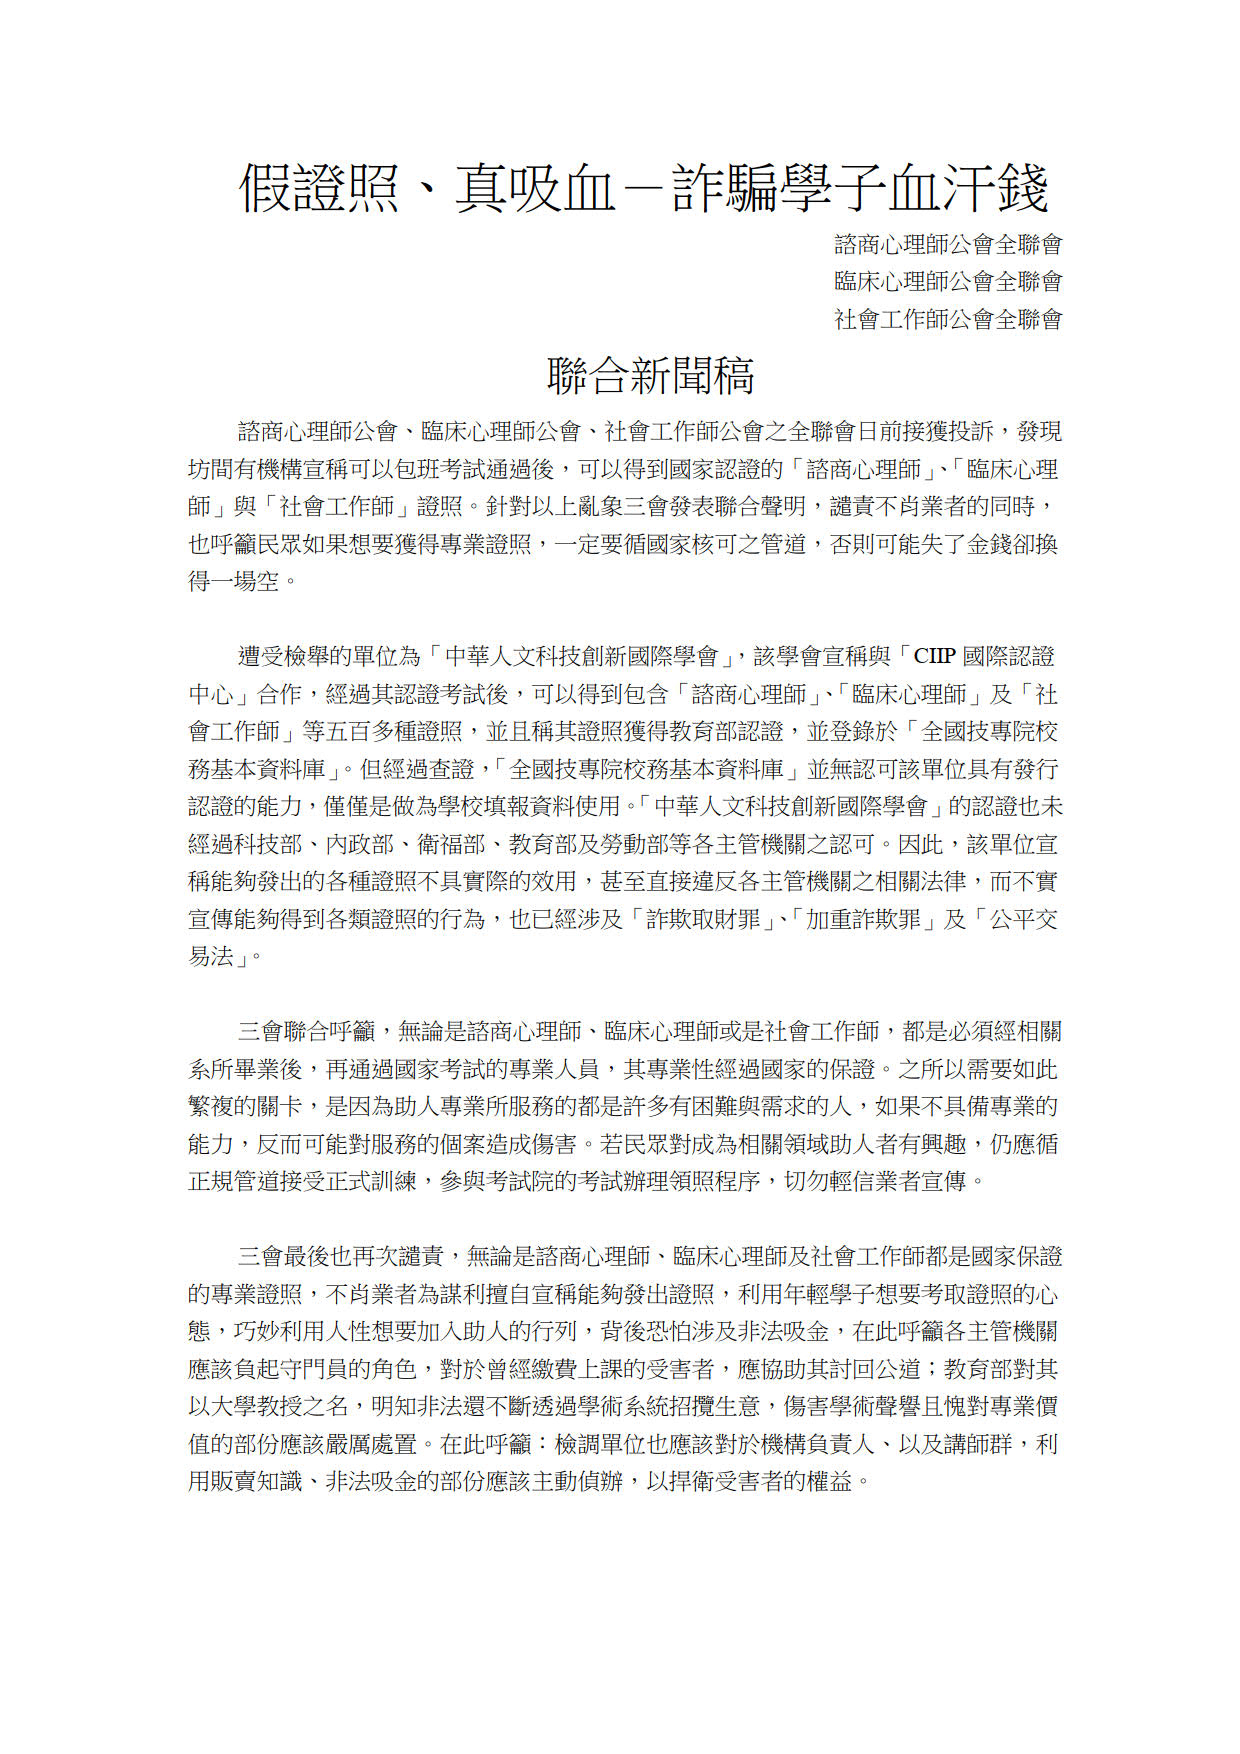 聯合新聞稿.jpg